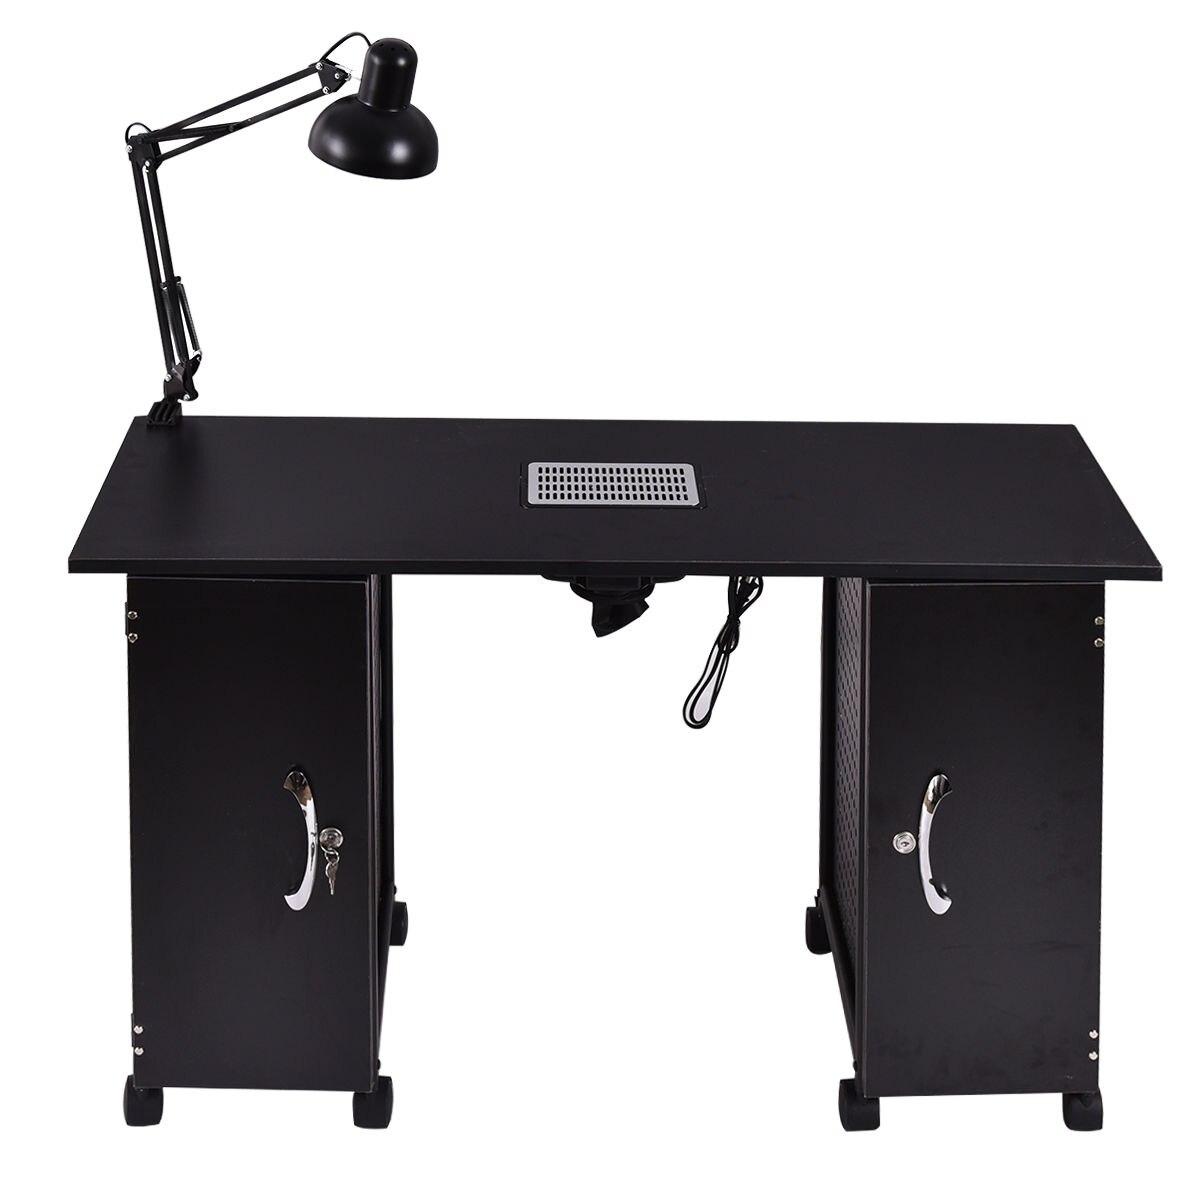 Giantex стол для маникюра станции Черный Сталь Frame Красота мебель для спа салона с ящиками для хранения таблицы ногтя HB84673